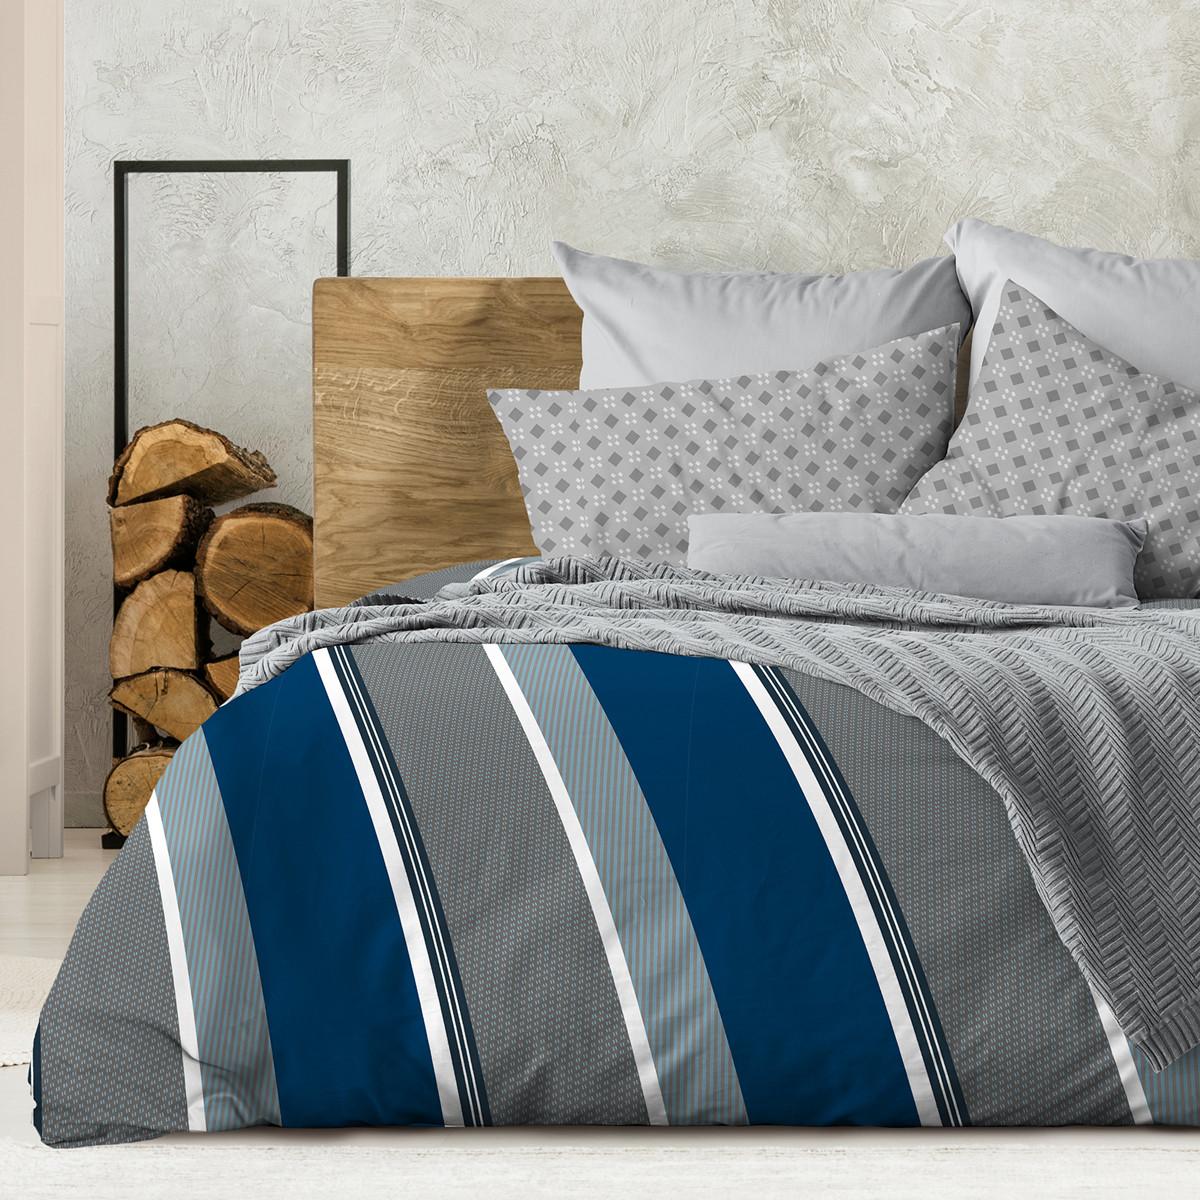 Wenge Комплект постельного белья Gentle, WENGE  1.5 спальный